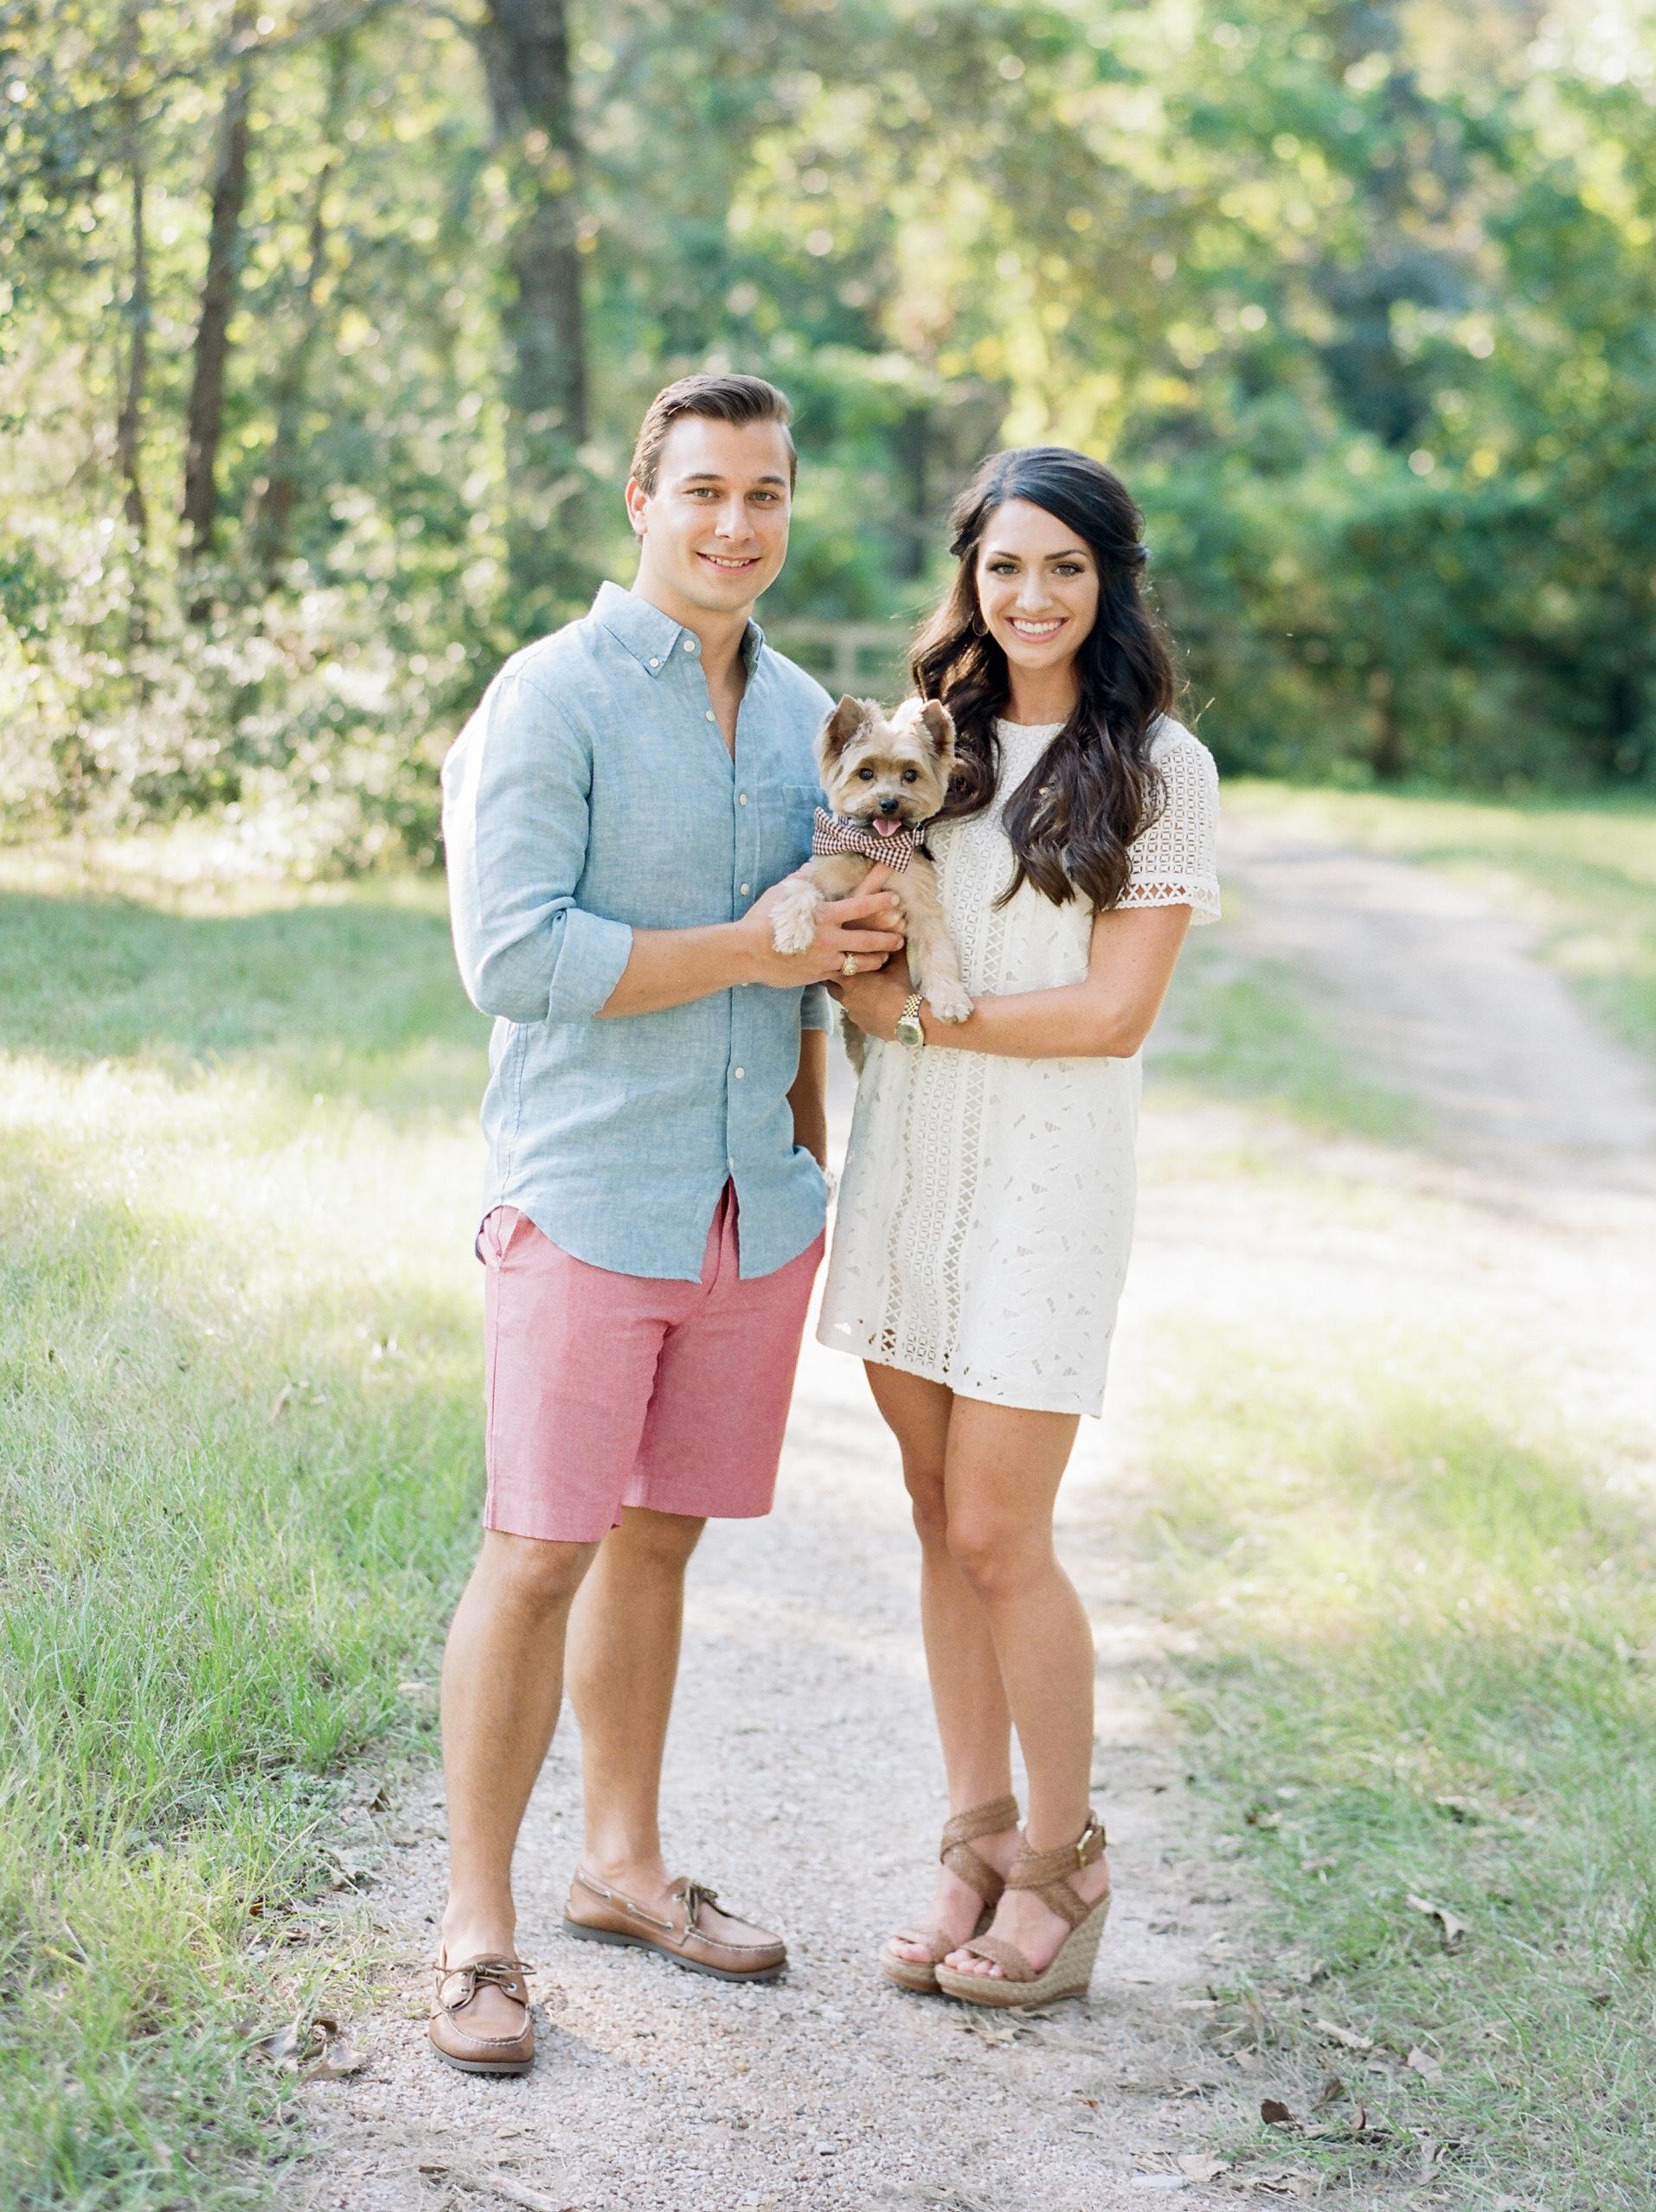 houston-wedding-photographer-engagements-engagement-session-houston-portrait-photographer-film-austin-wedding-photography-3.jpg